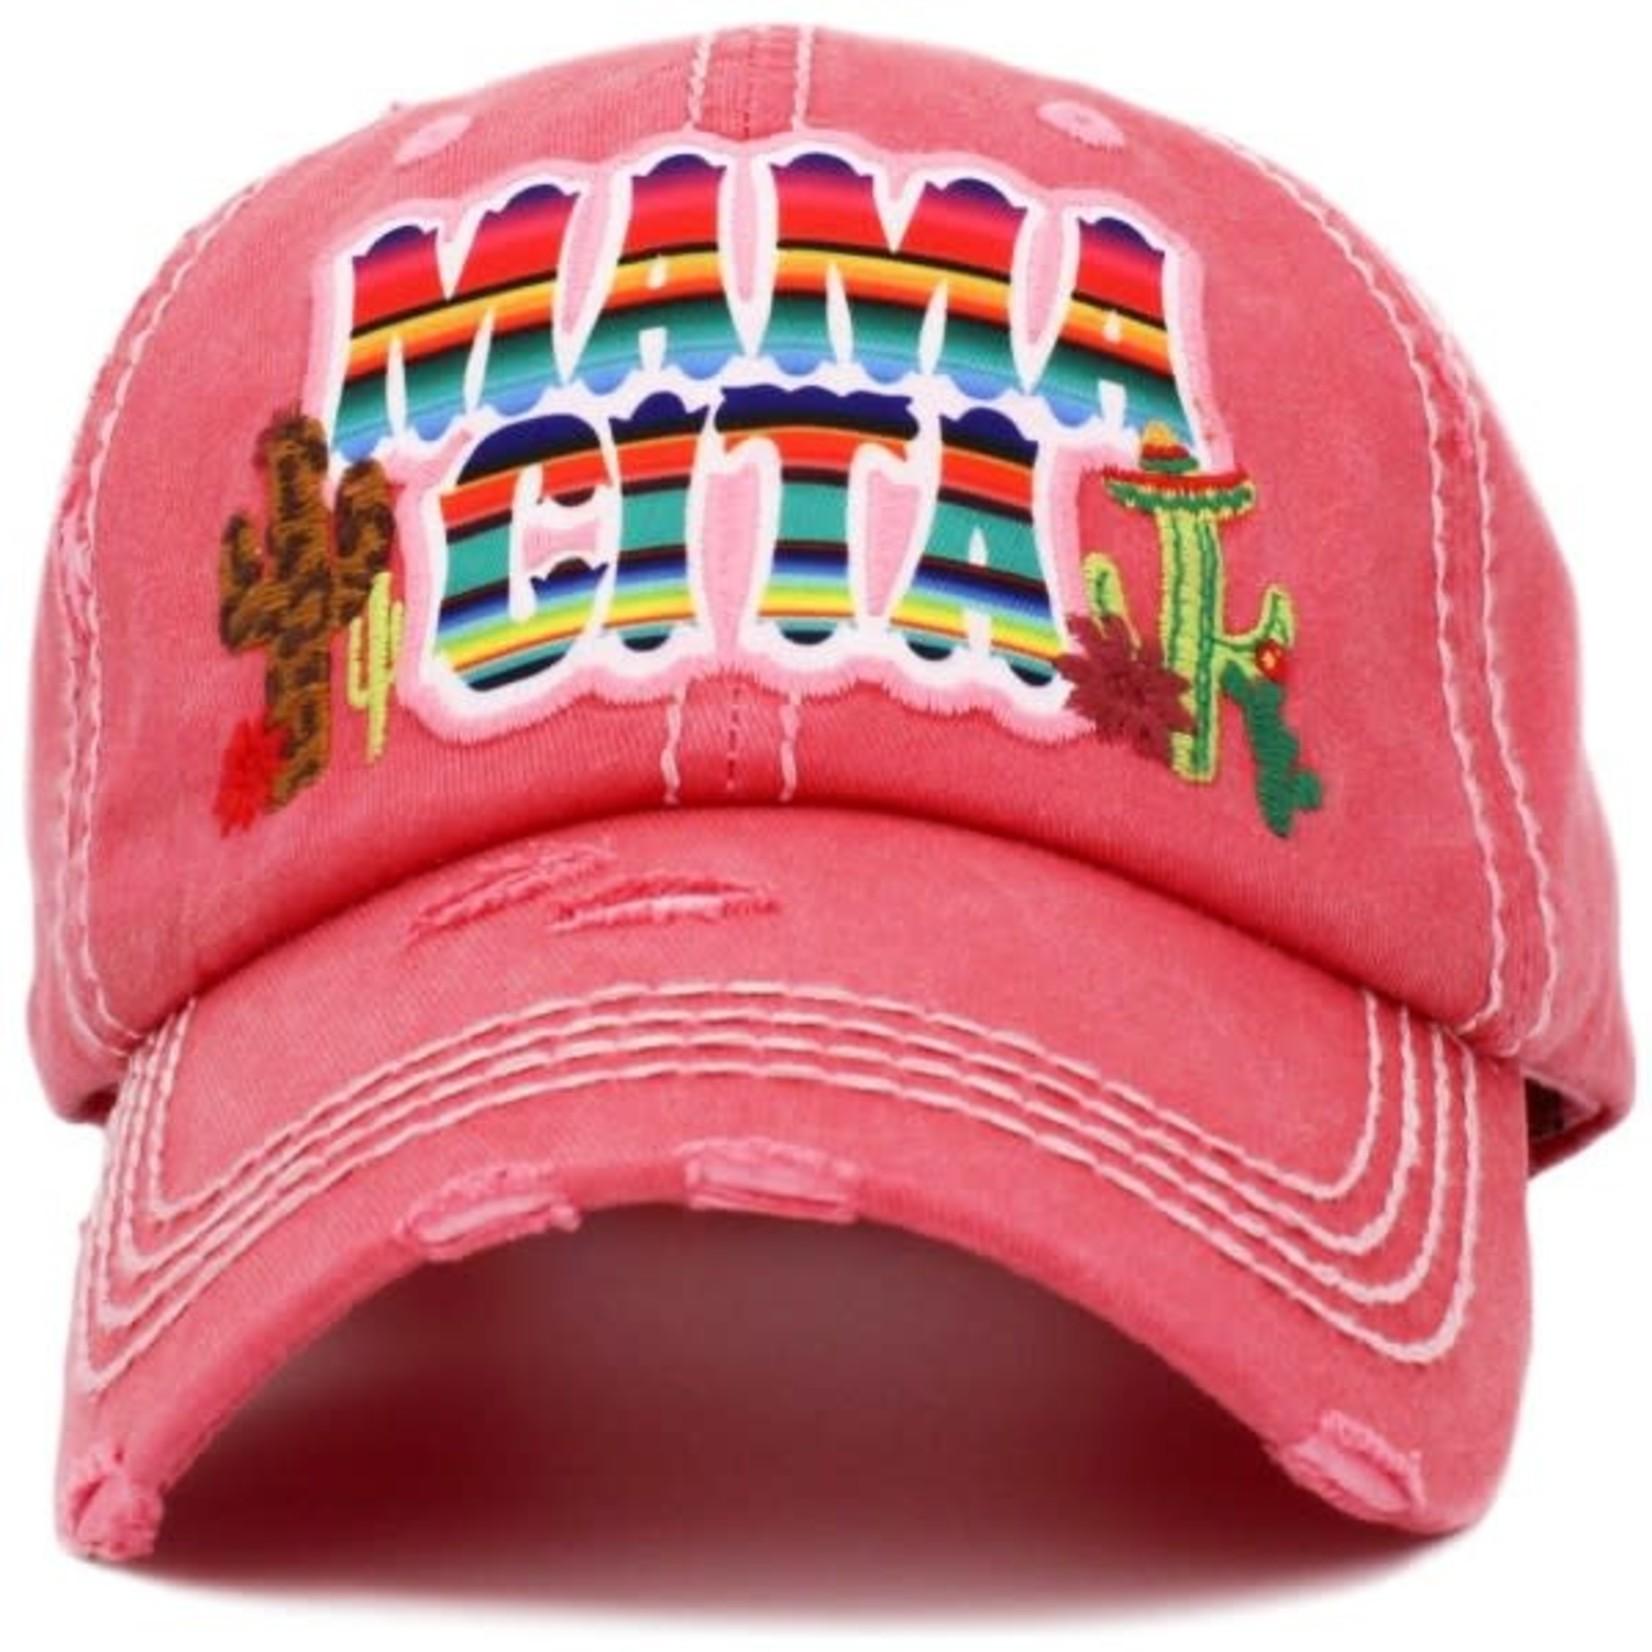 Mamacita Caps